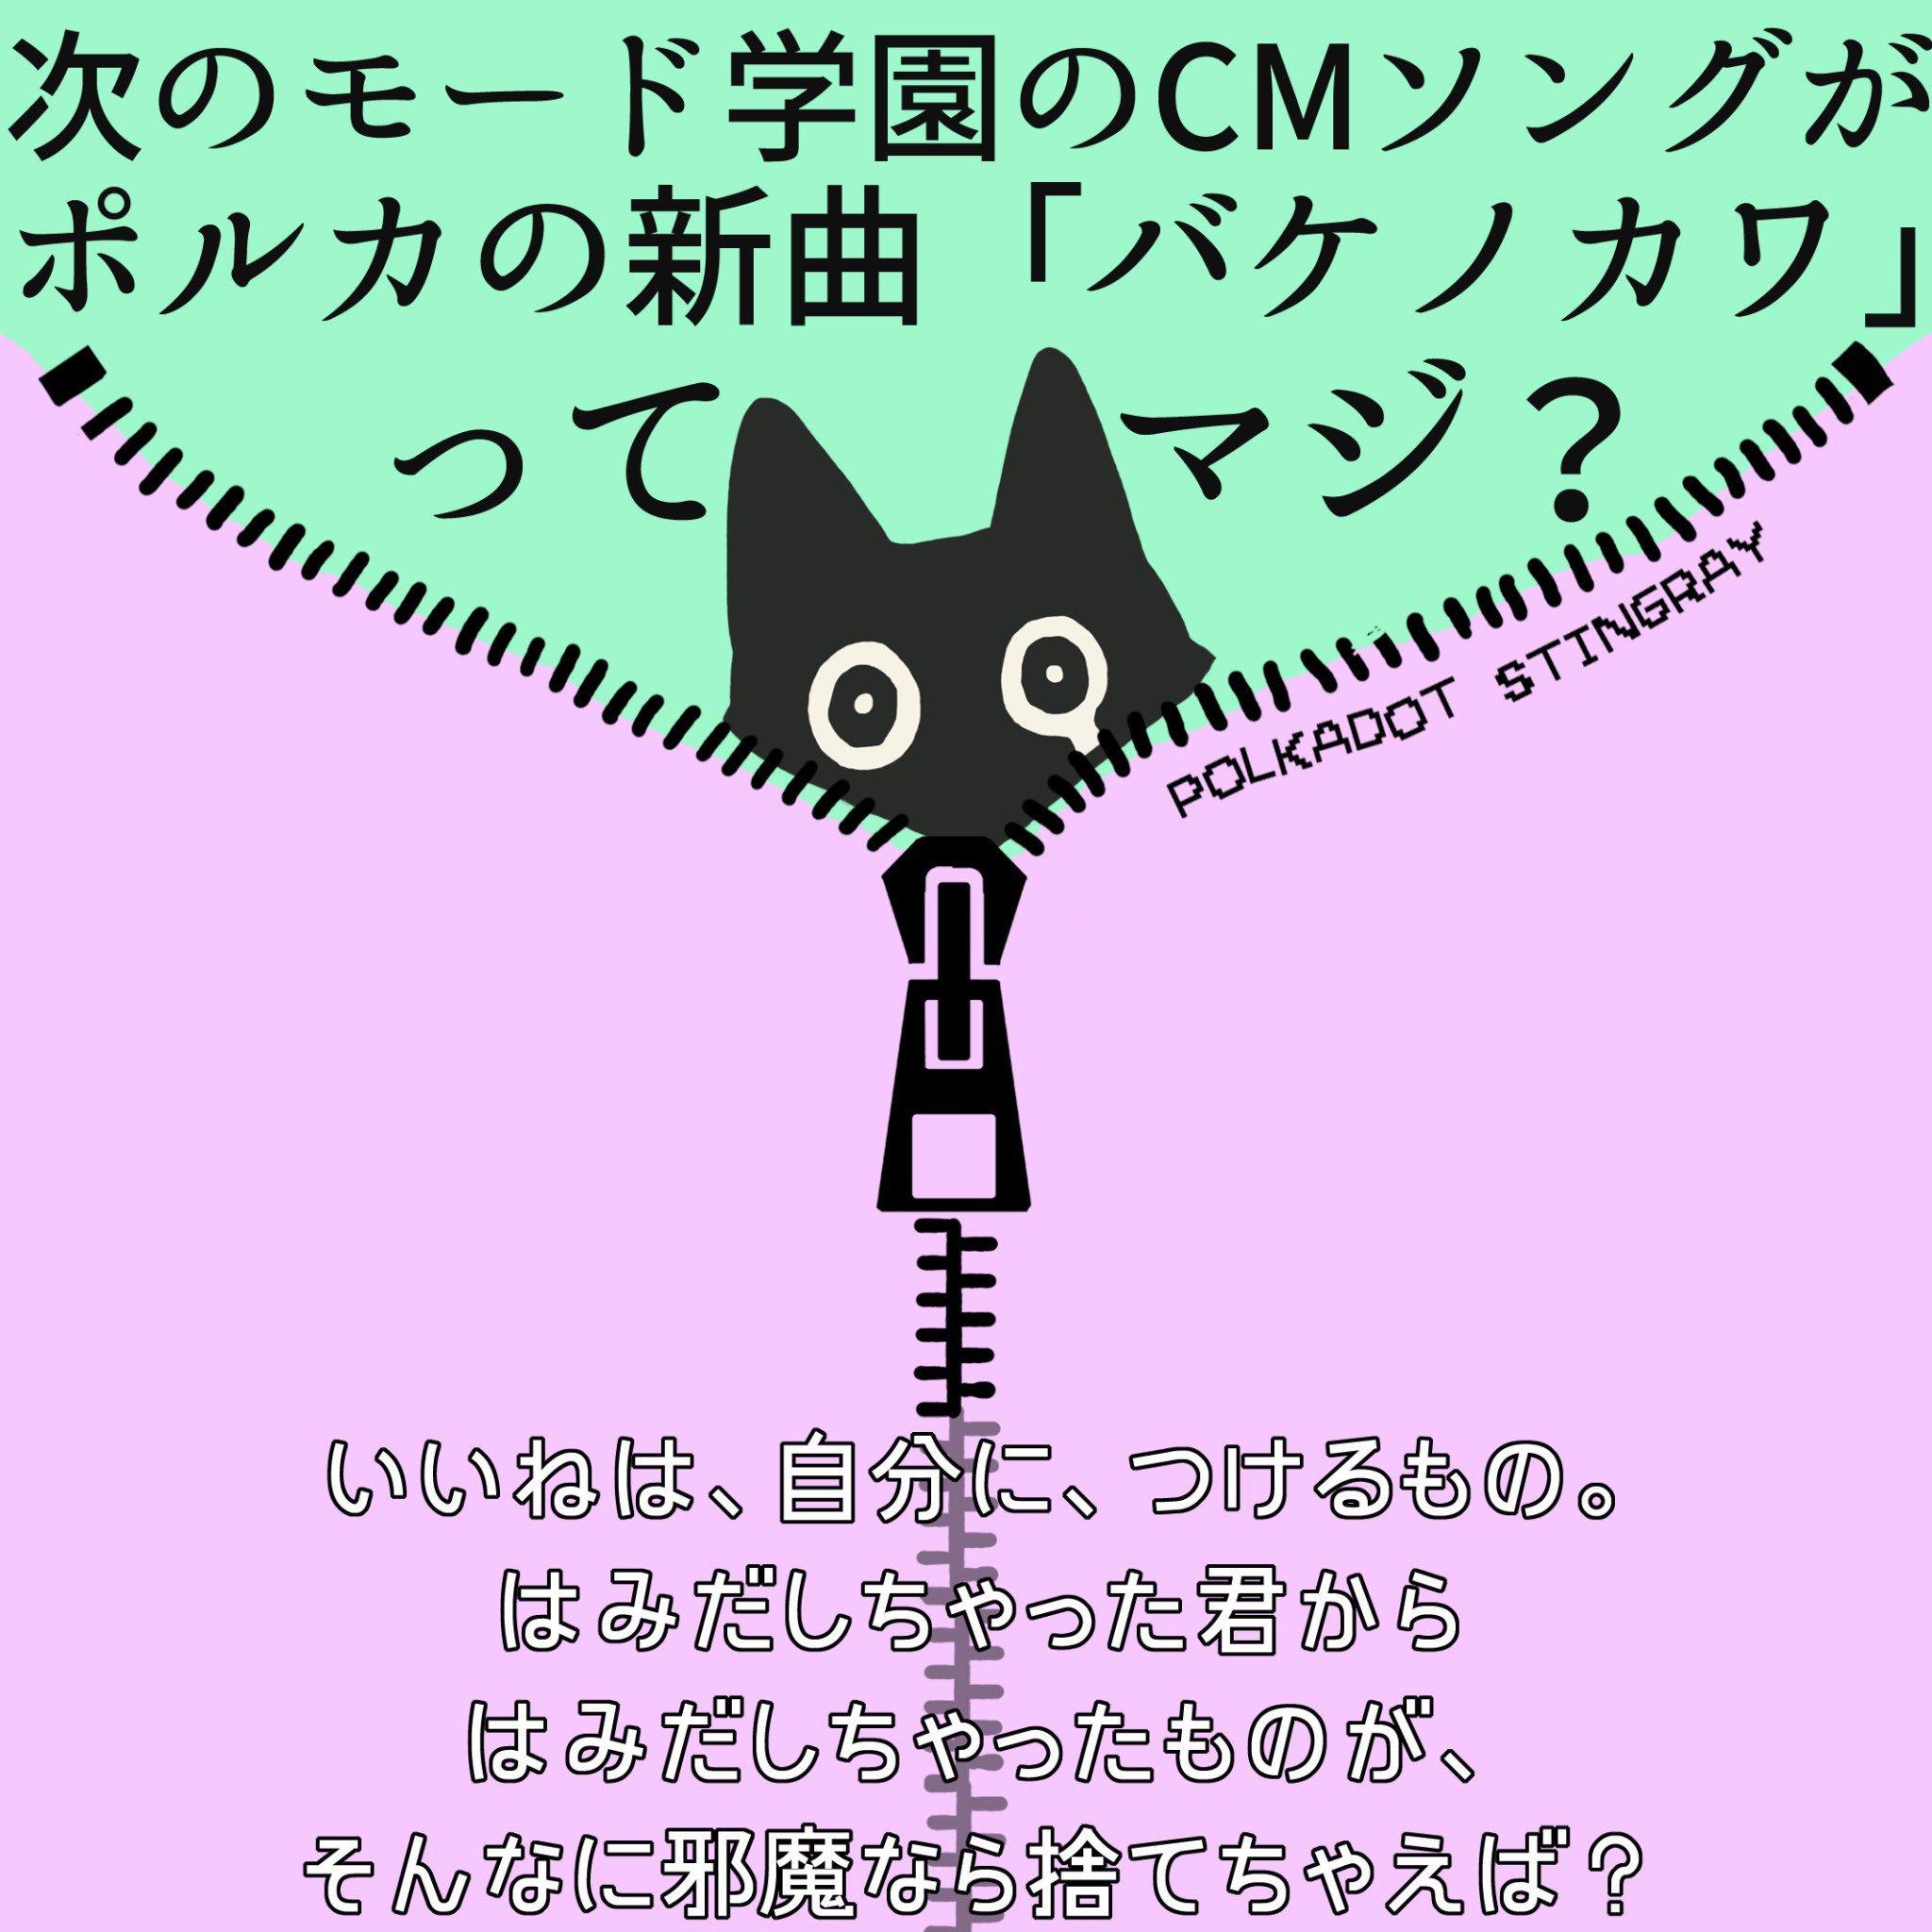 Cm 東京 モード 曲 学園